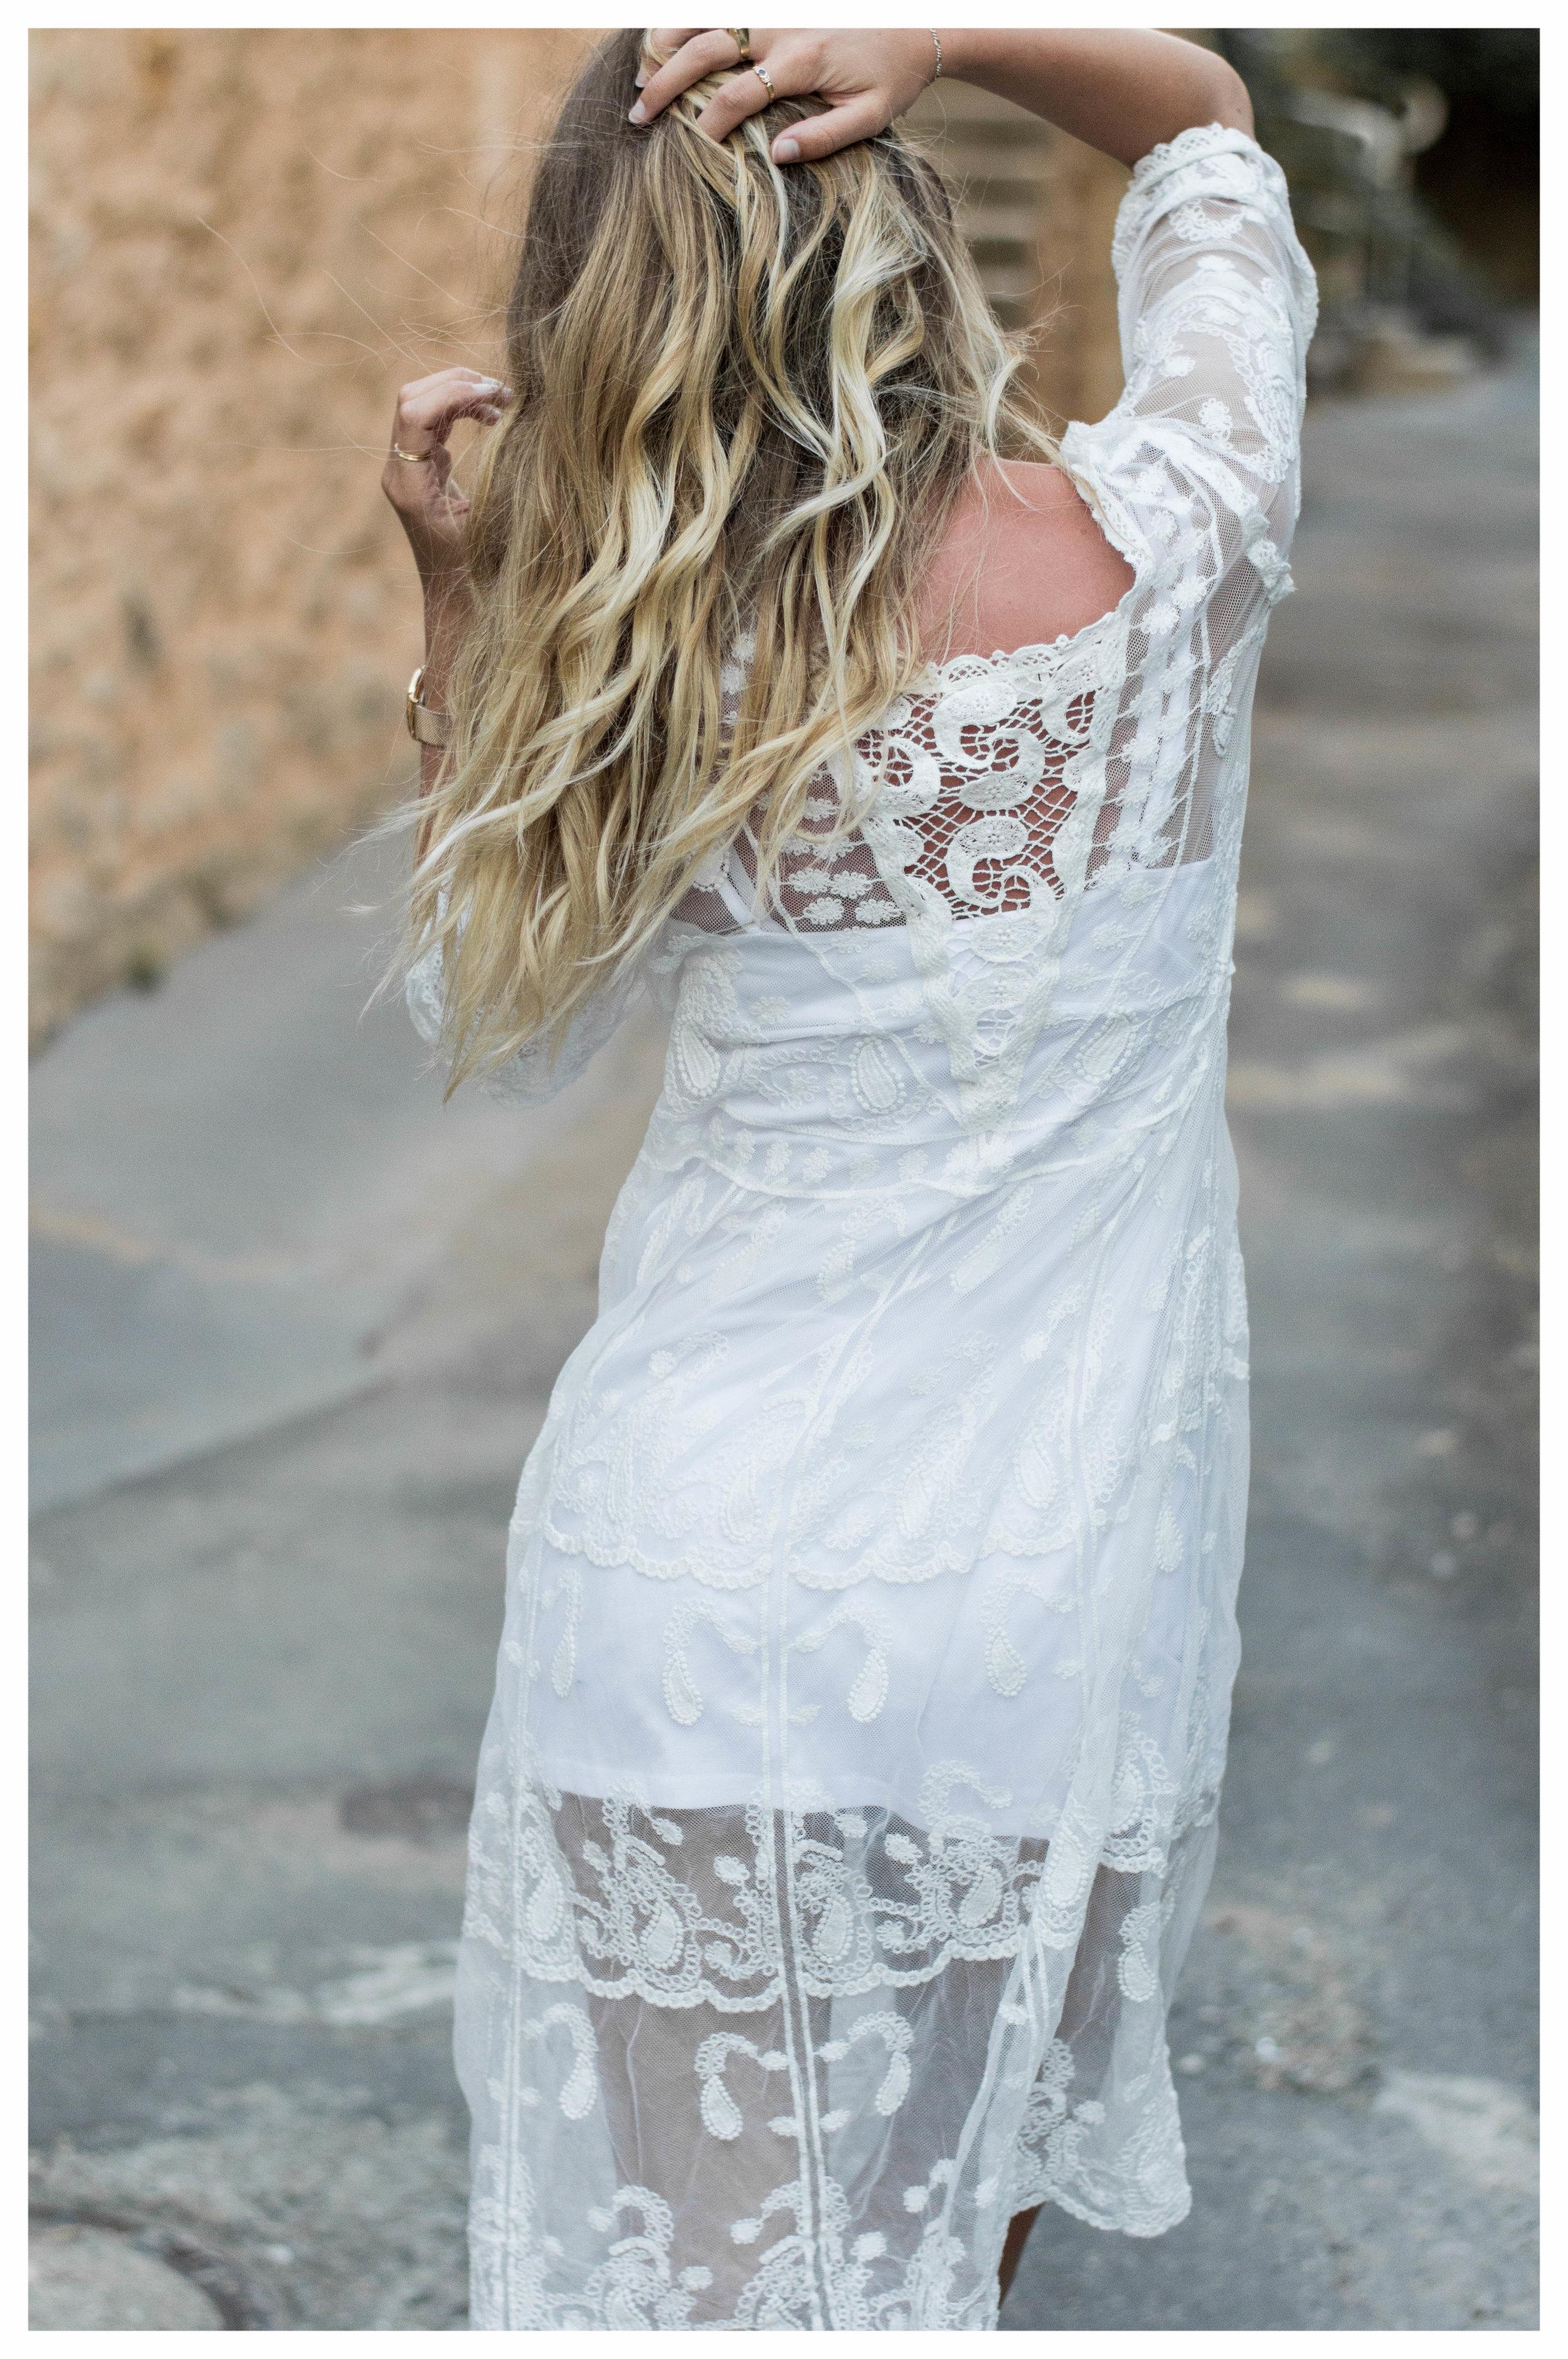 Cornillon White Dress June - OSIARAH.COM (27 of 27).jpg